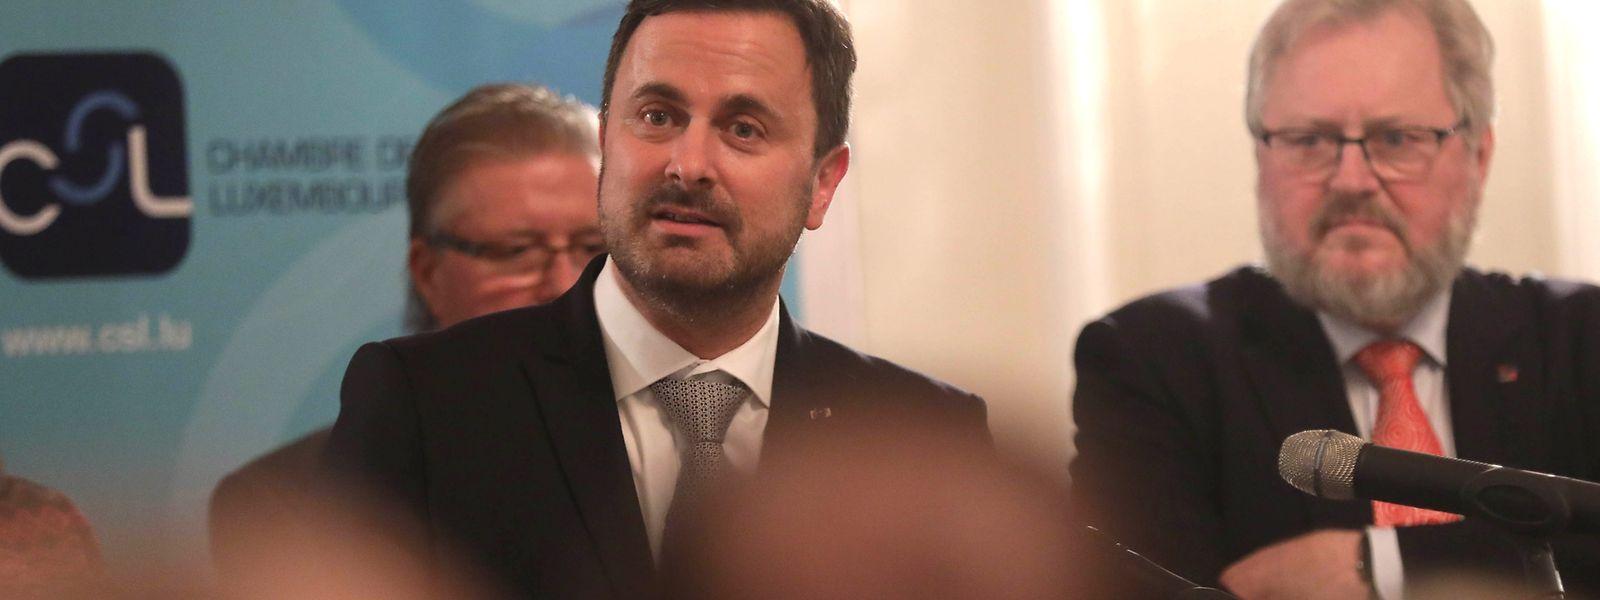 CSL-Präsident Jean-Claude Reding (r.) und Premierminister Xavier Bettel (Mitte) gingen in ihren Ansprachen auf die Digitalisierung und die Notwendigkeit neuer Arbeitszeitmodelle ein.